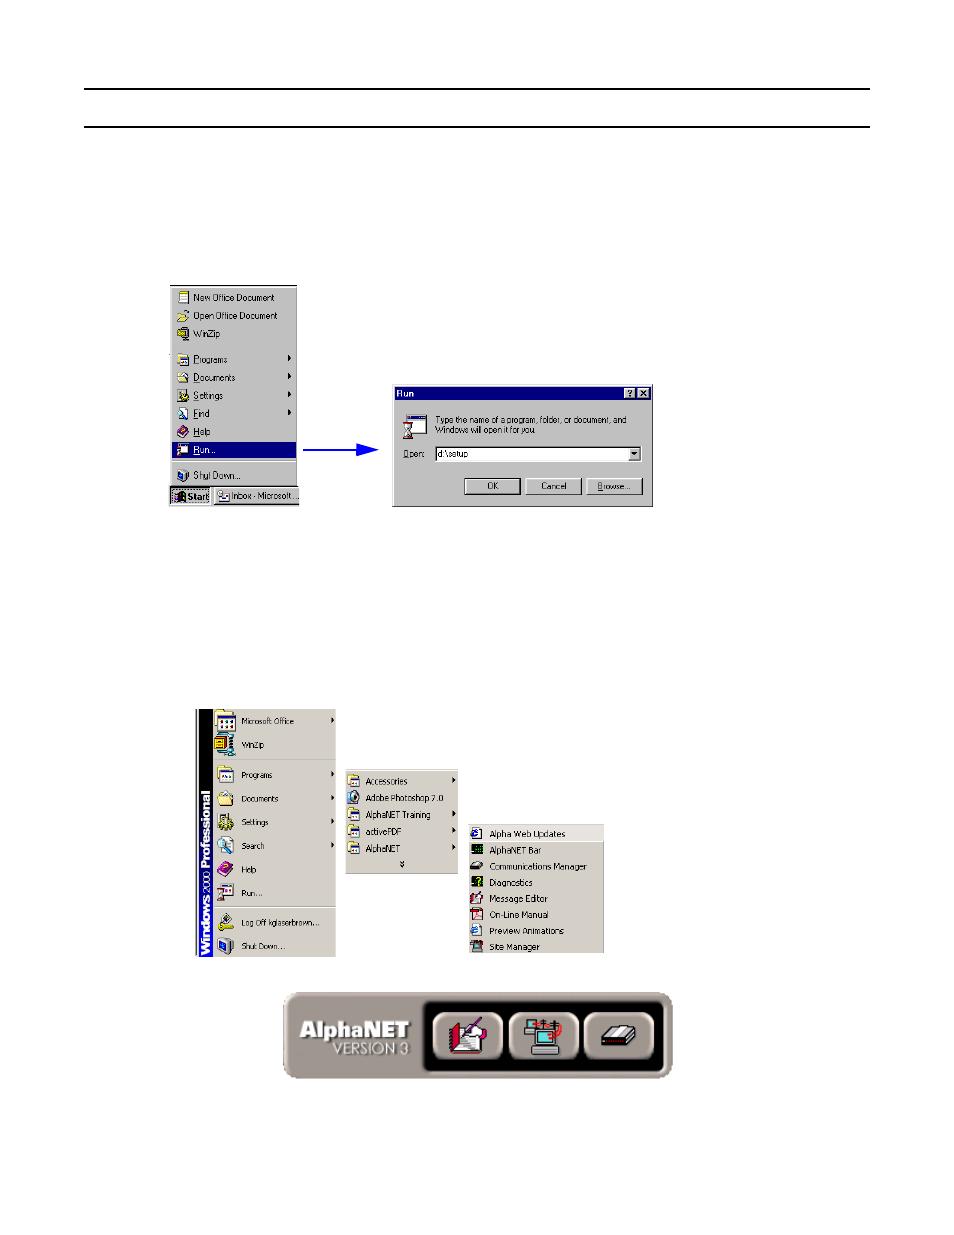 alphanet v3.0